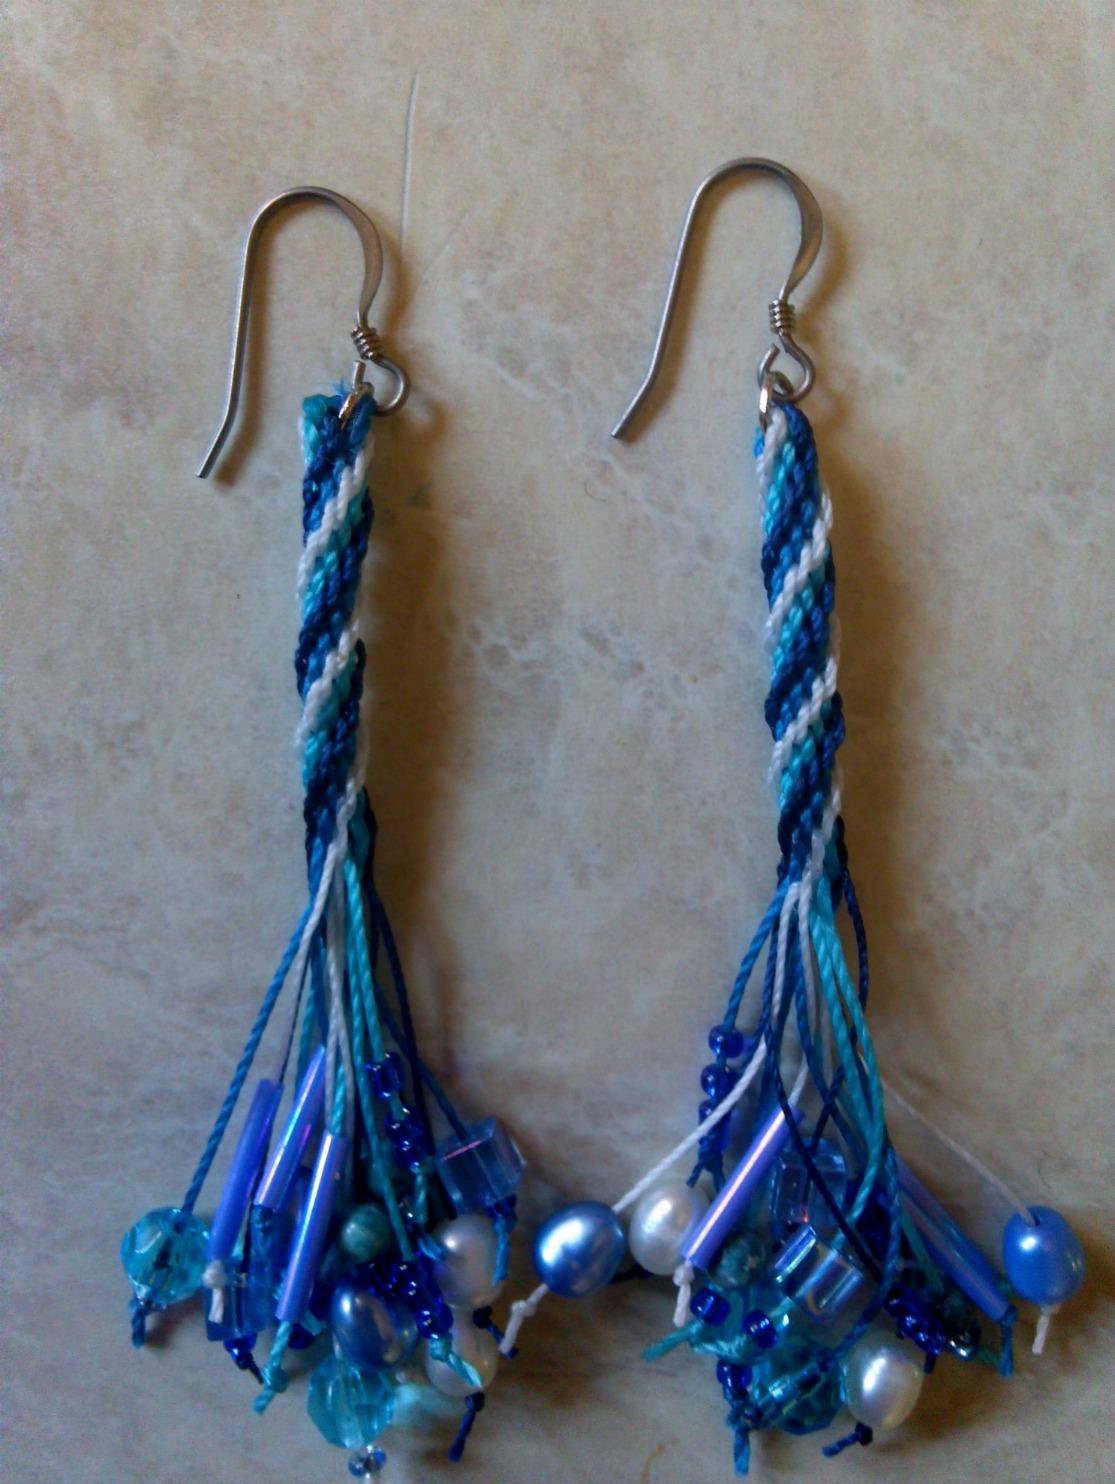 Earrings in online shopping 2014